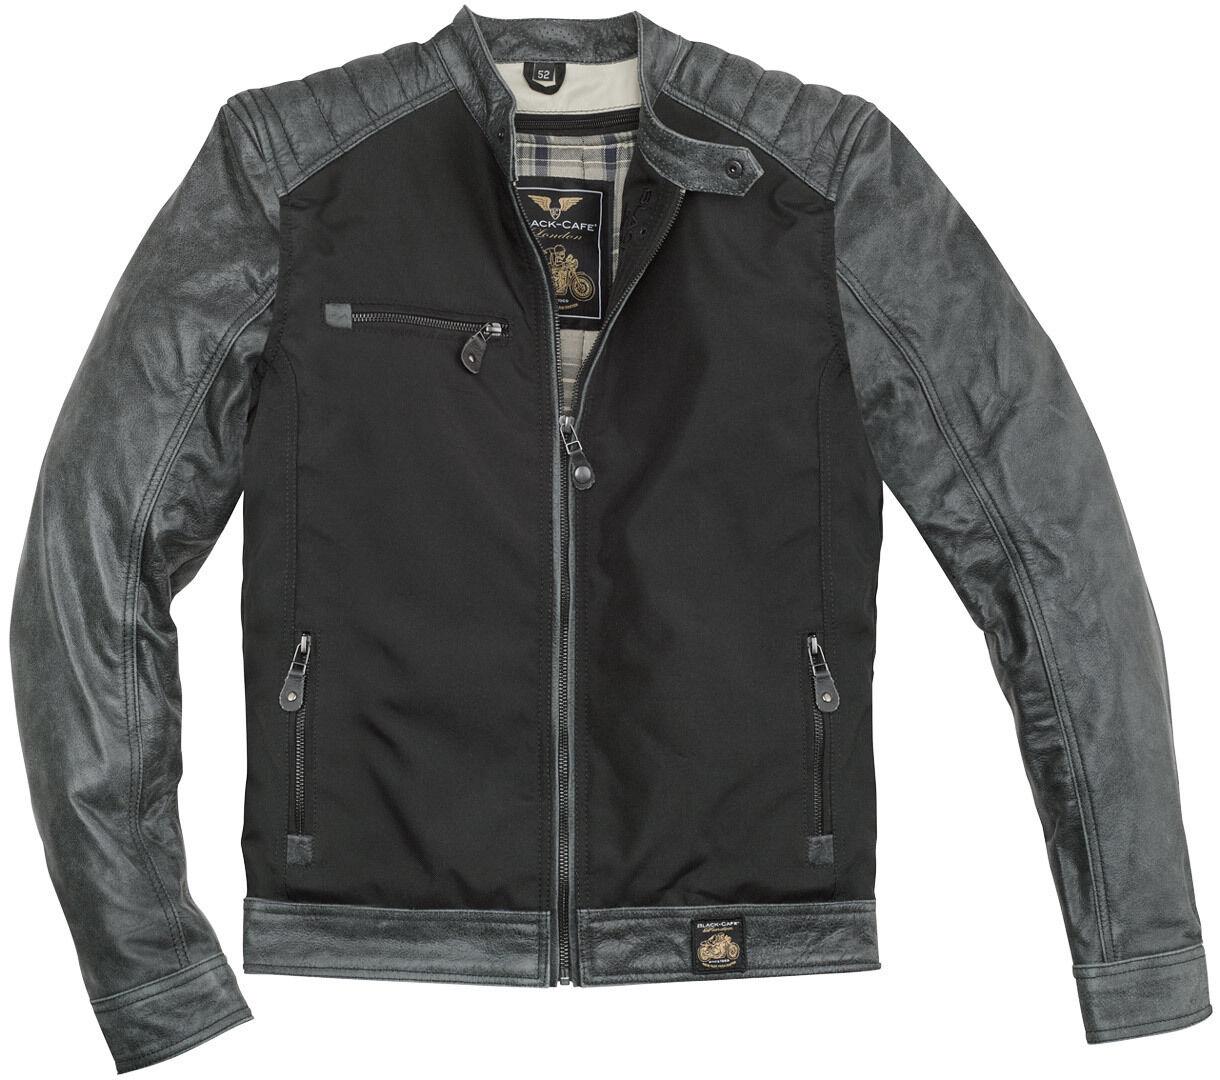 Black-Cafe London Johannesburg Moto Cuir- / Veste textile Noir Gris taille : 58